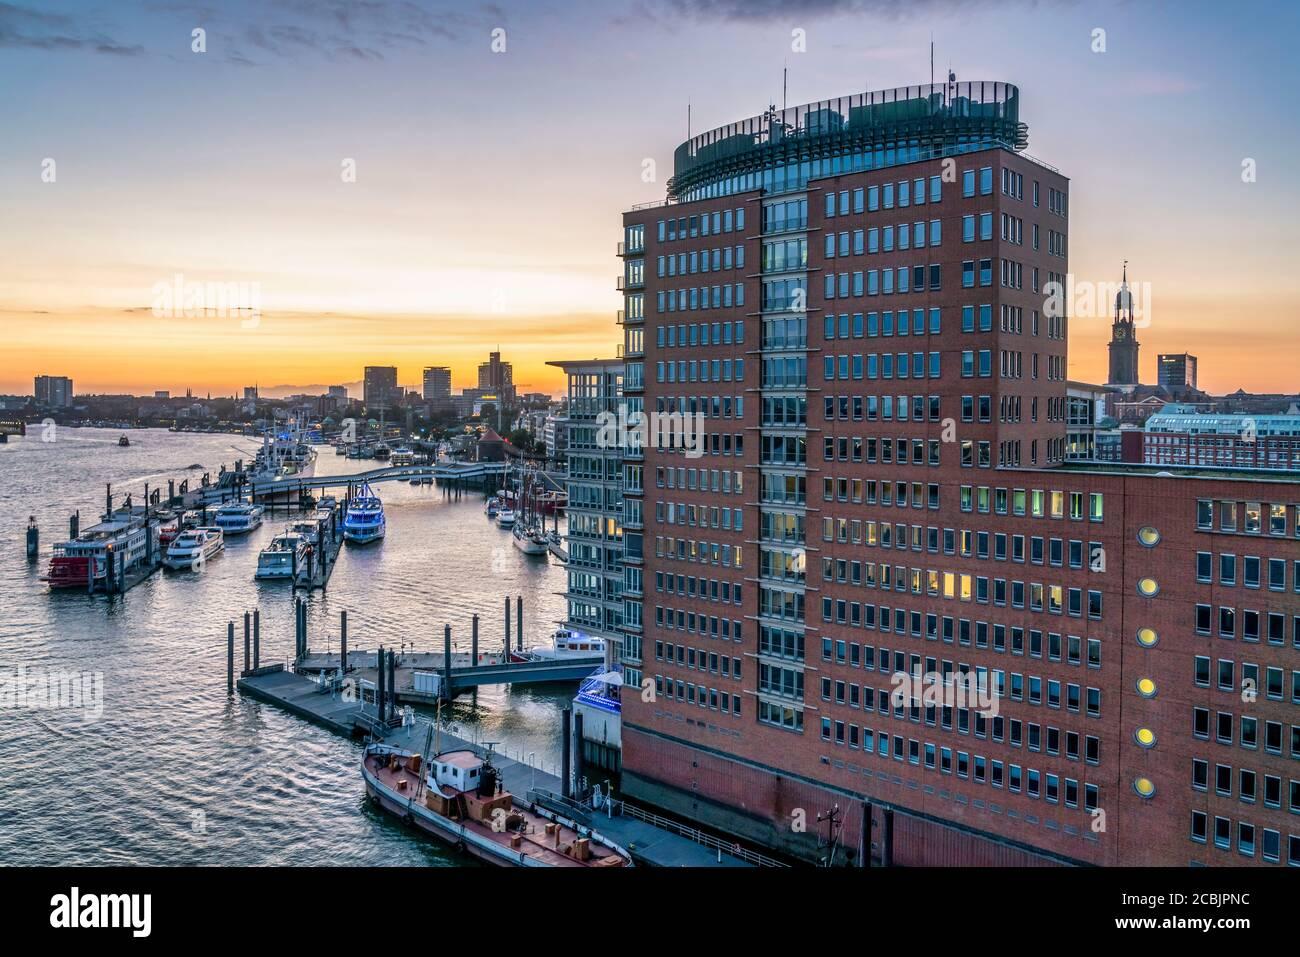 Ausblick von der Elbphilharmonie auf das Hanseatic Trade Center, Sandtorhafen, Speicherstadt, Hafencity, Hamburgo, Alemania, Europa Foto de stock